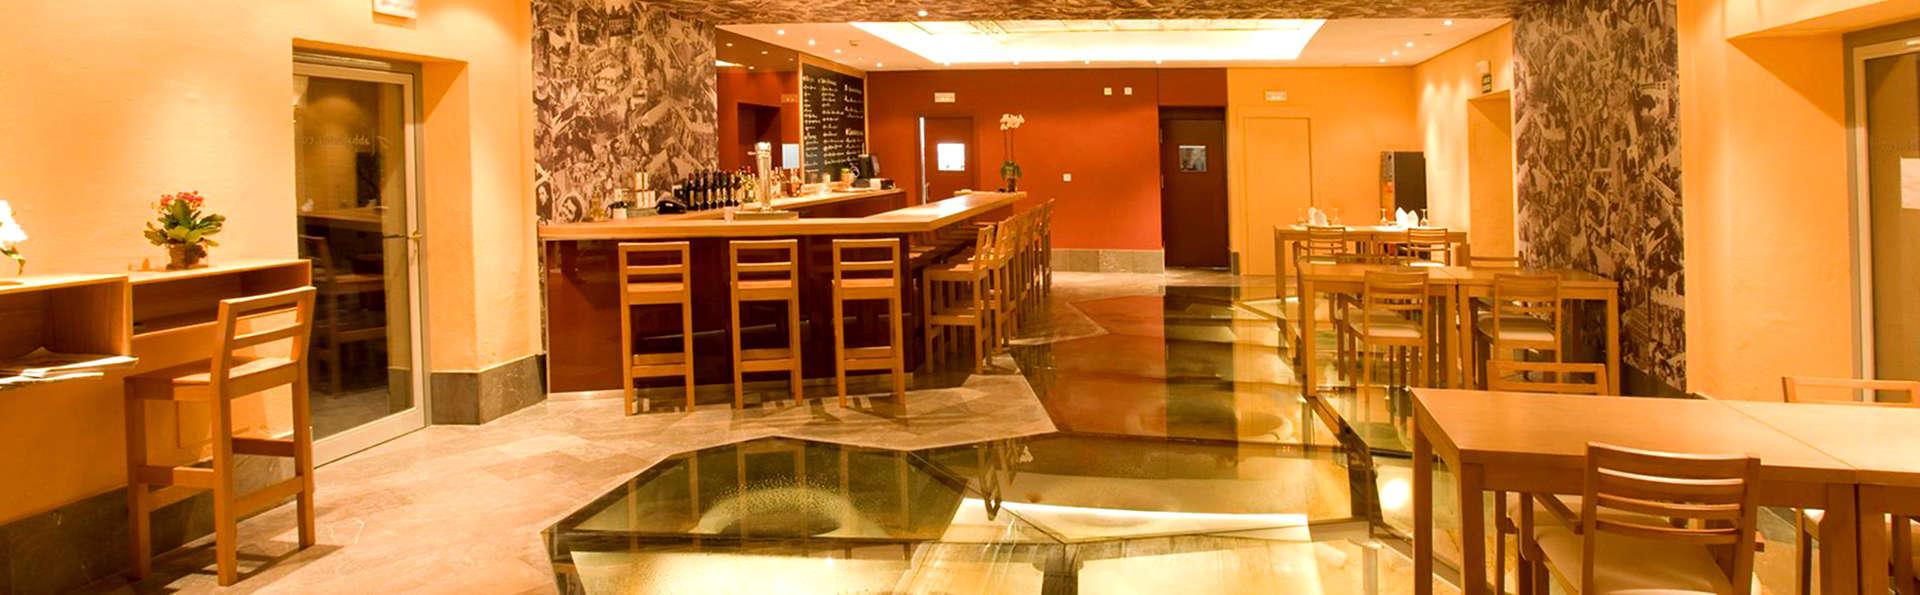 Amor y gastronomía en un palacio andaluz en Sanlúcar de Barrameda (desde 2 noches)